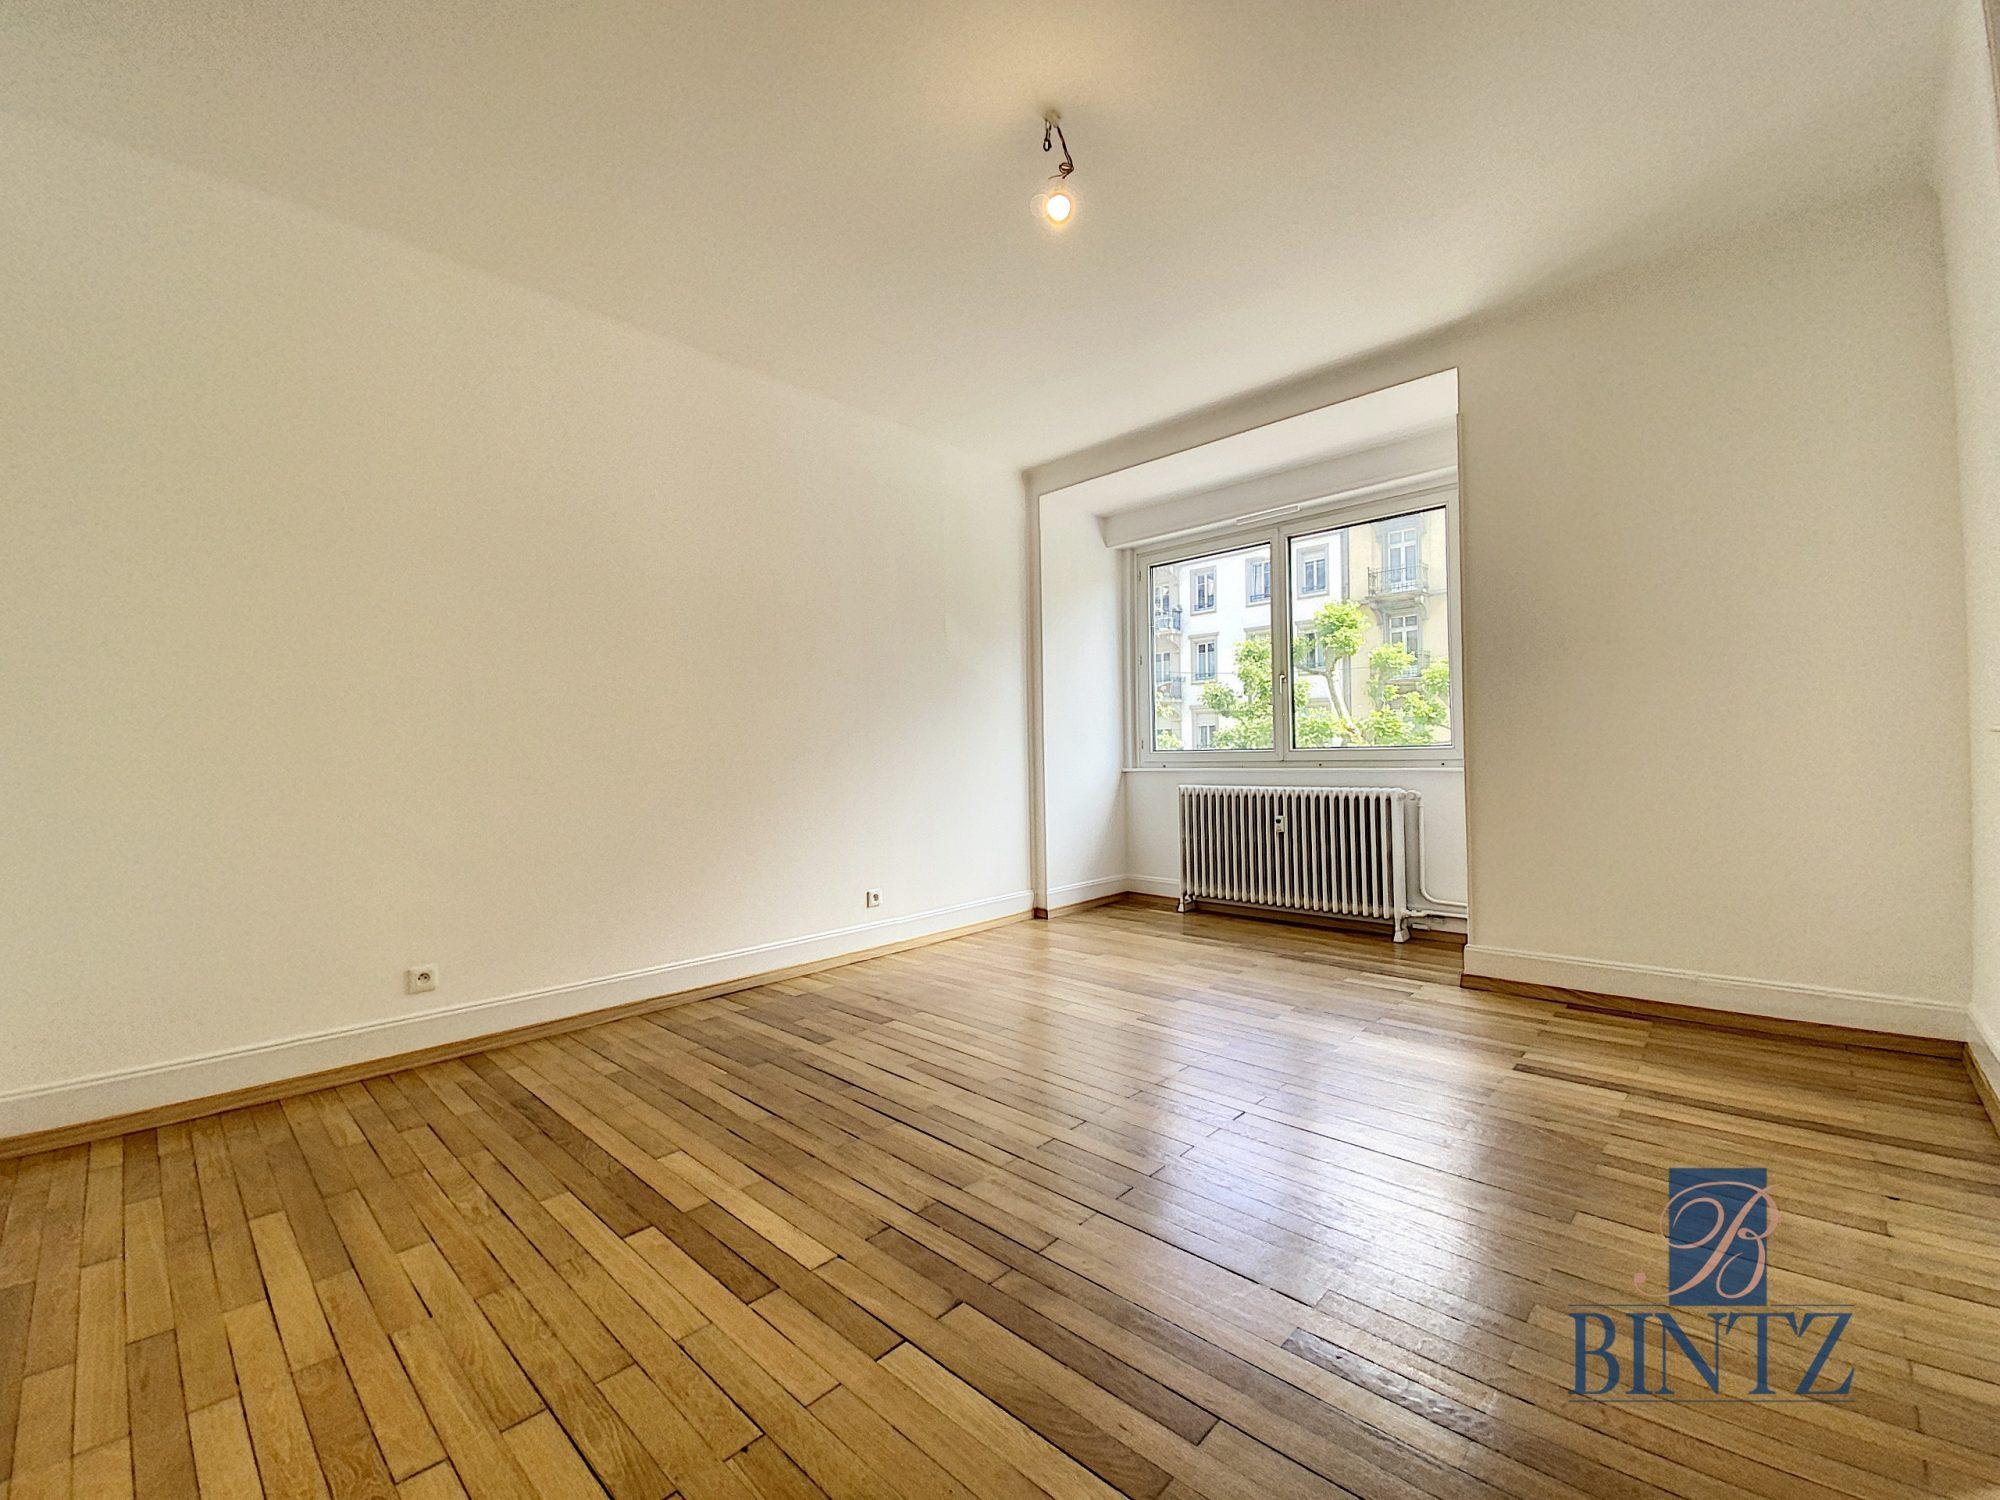 3 PIECES REFAIT A NEUF MUSEE D'ART MODERNE - Devenez locataire en toute sérénité - Bintz Immobilier - 10